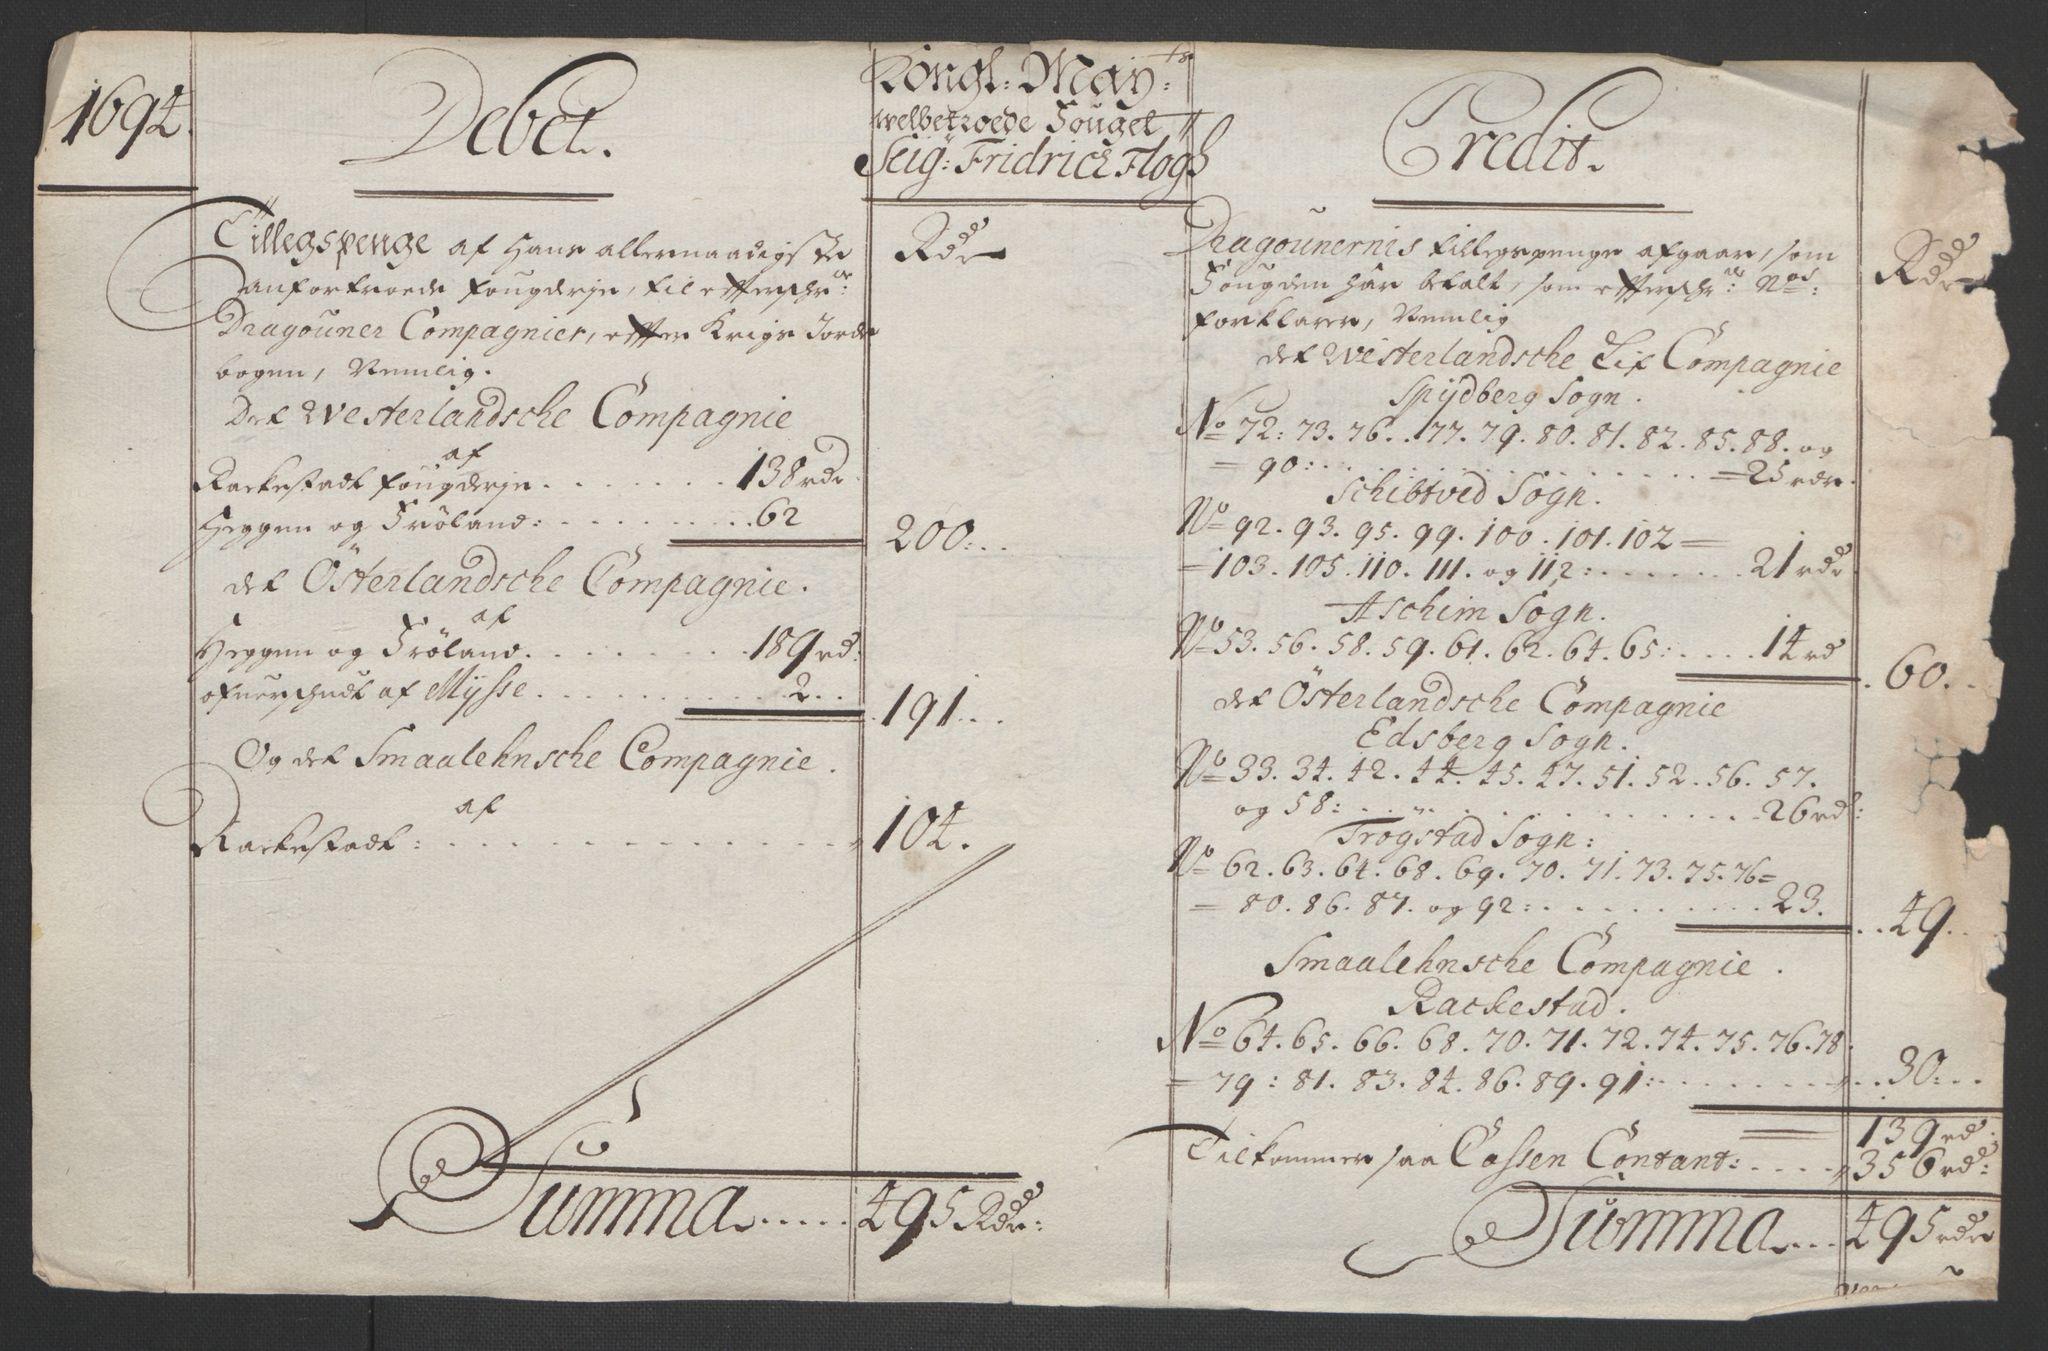 RA, Rentekammeret inntil 1814, Reviderte regnskaper, Fogderegnskap, R07/L0284: Fogderegnskap Rakkestad, Heggen og Frøland, 1694, s. 302